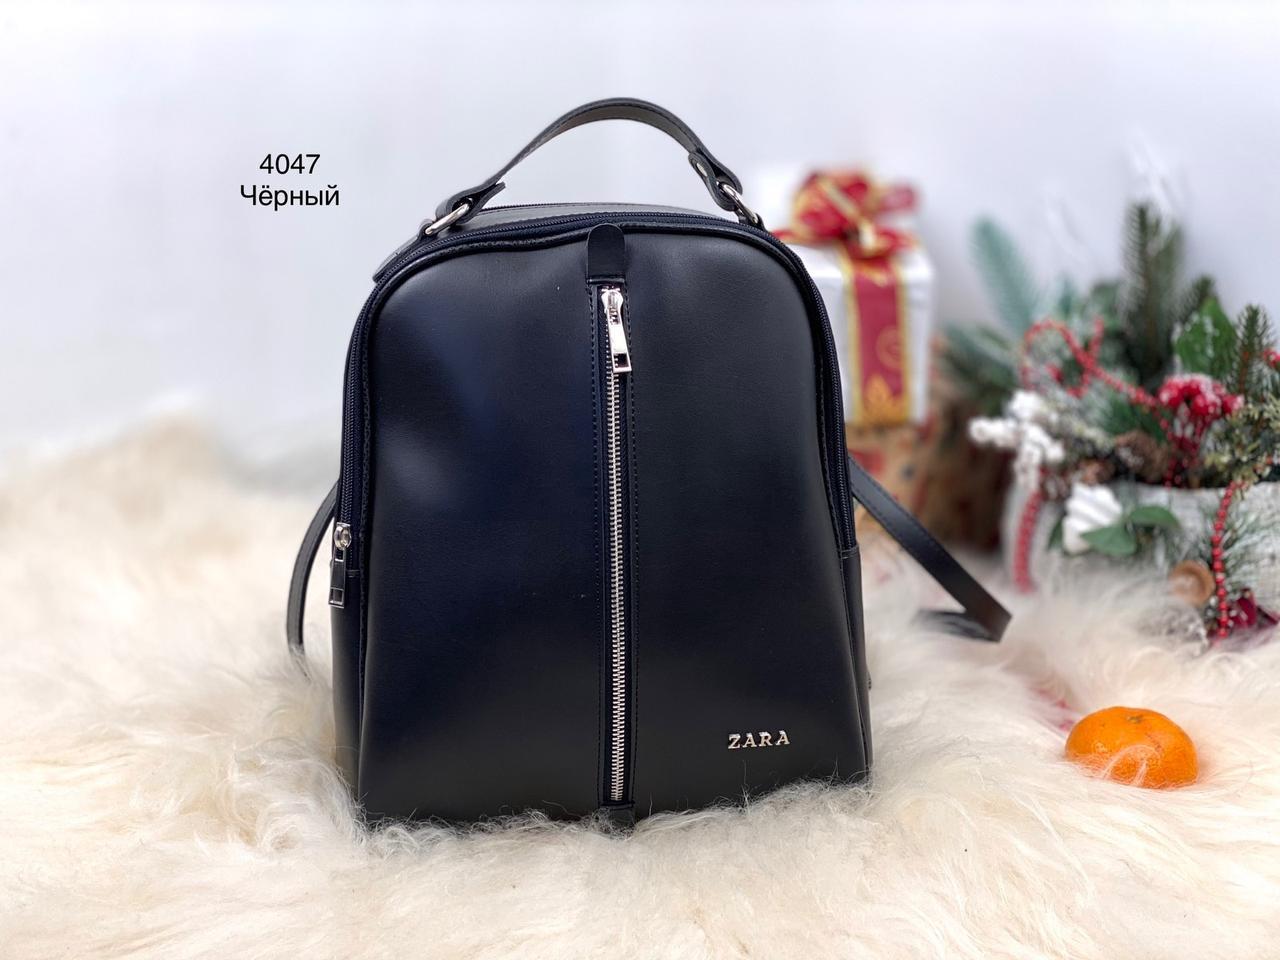 Сумка рюкзак женский молодежный городской брендовый черный экокожа